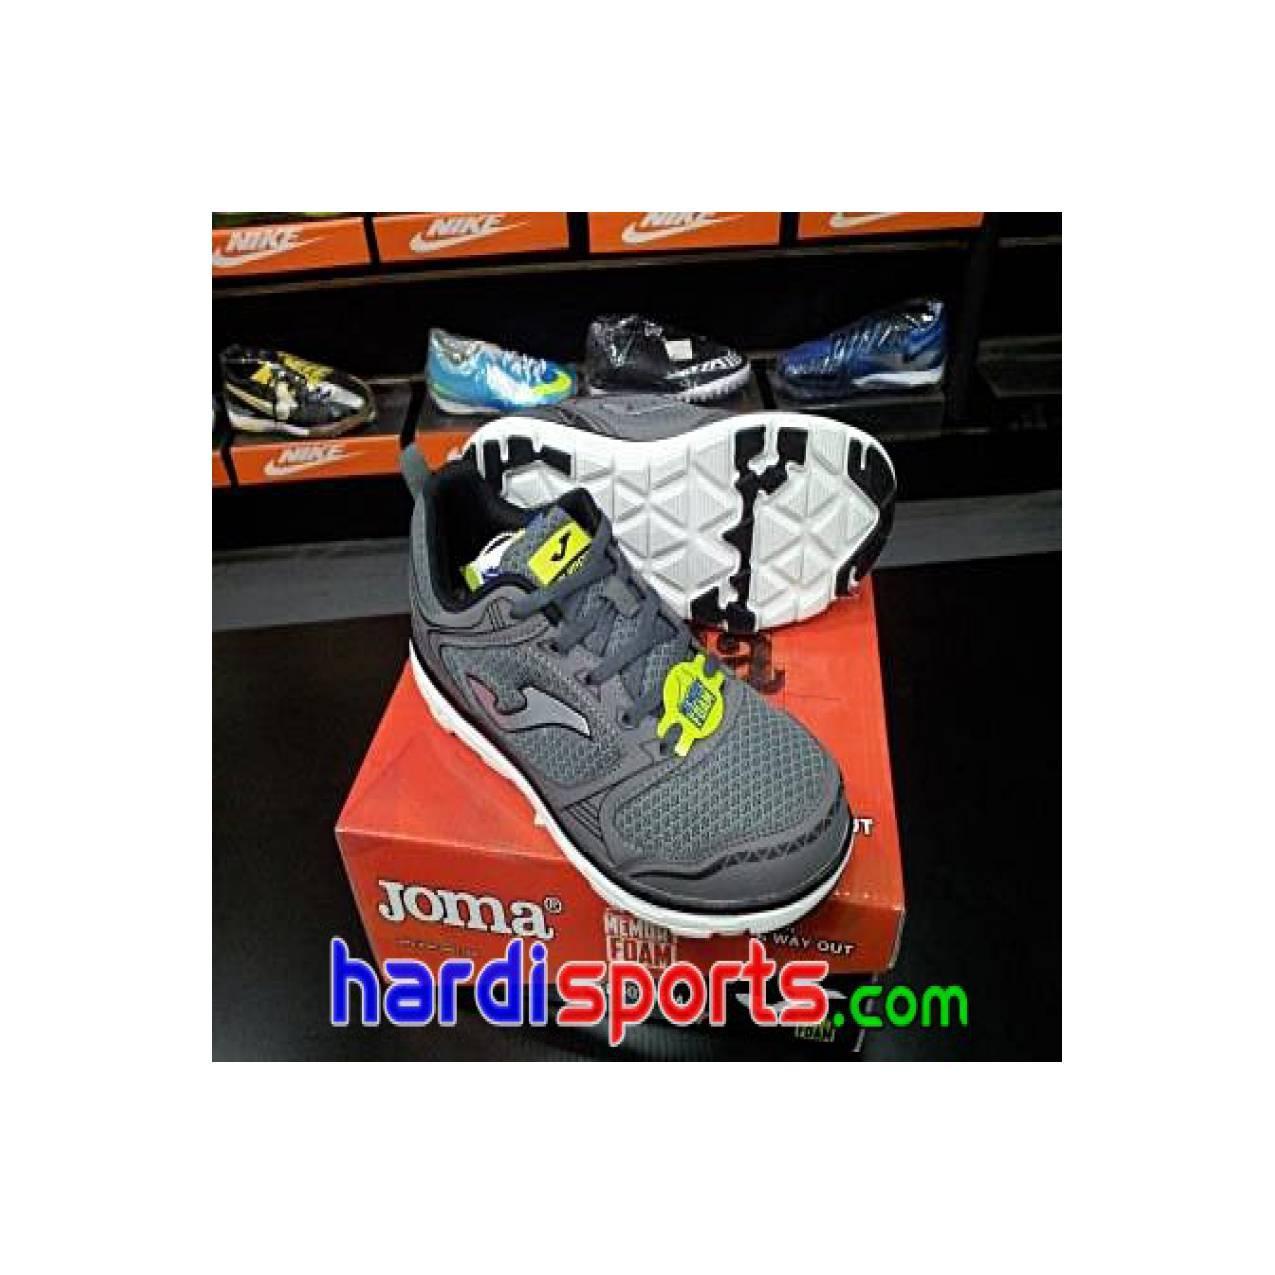 Sepatu Slip On Mesh Pria Blackgreen Daftar Harga Terbaru Dan Peak Basket Authentic Chalenger Real Sneakers E51041a Running Casual Joma Olimpico Colimw 512original